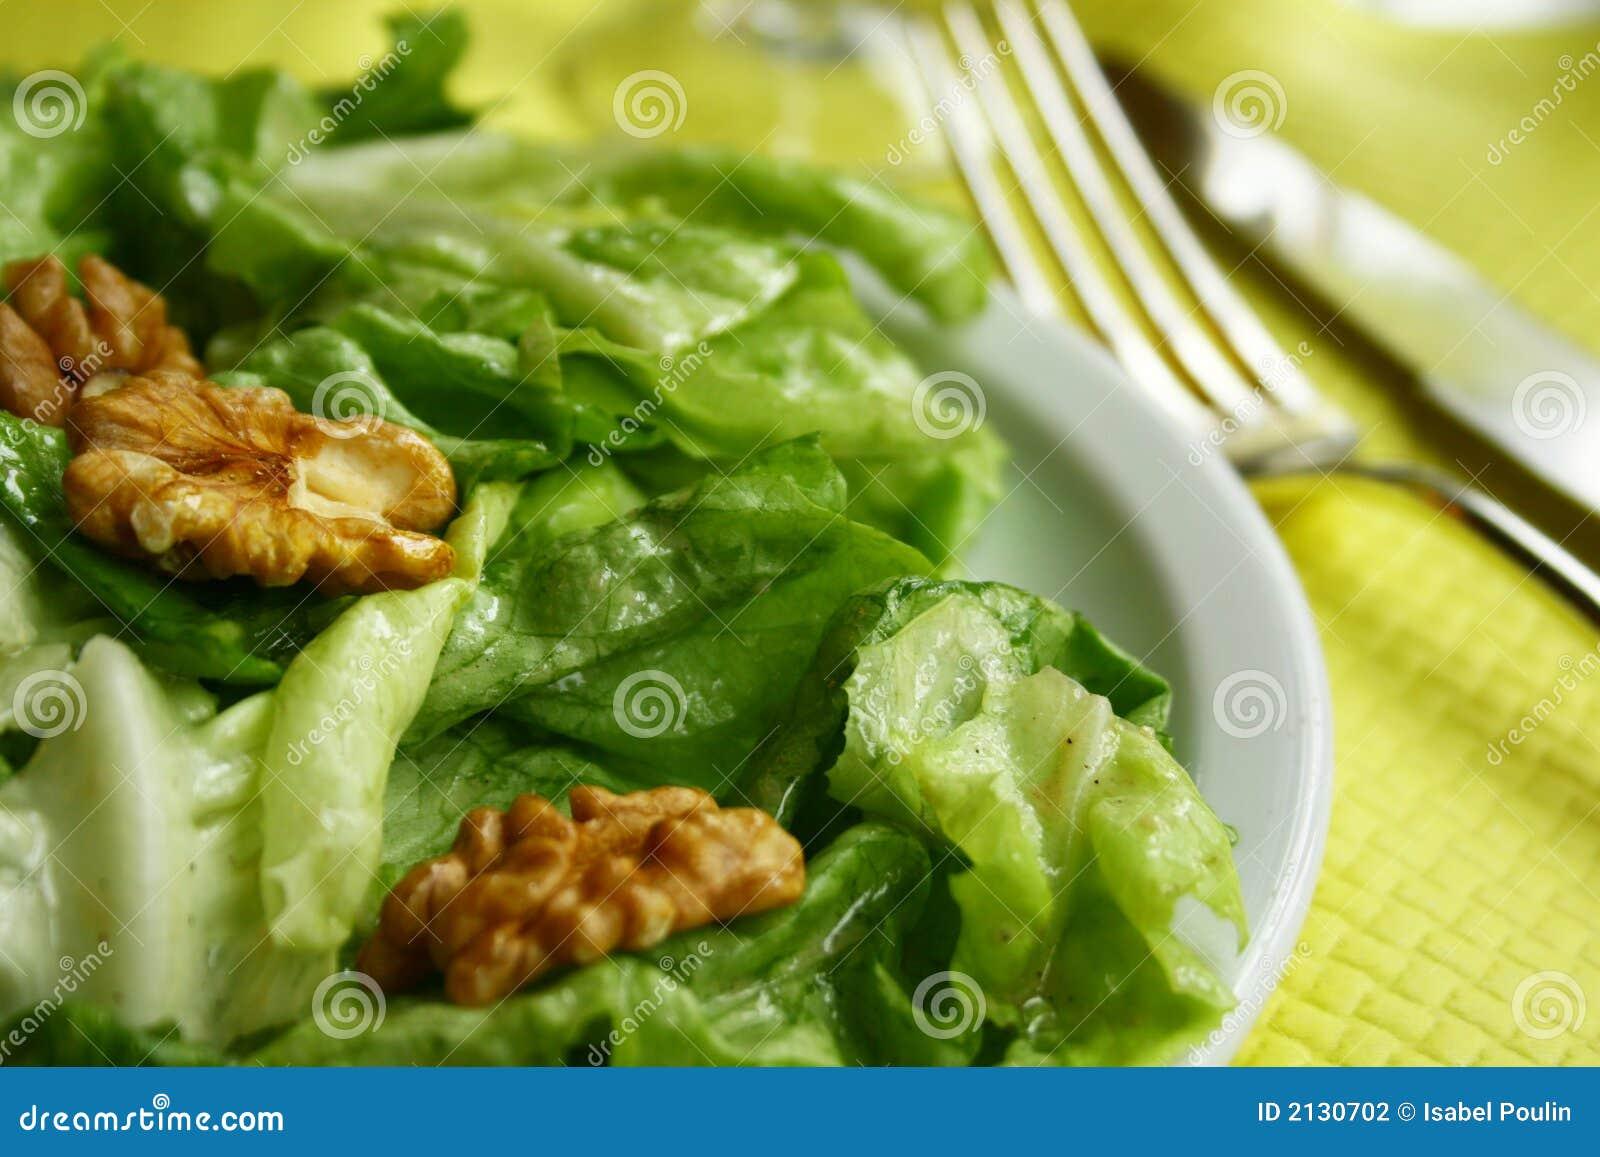 De salade van de okkernoot